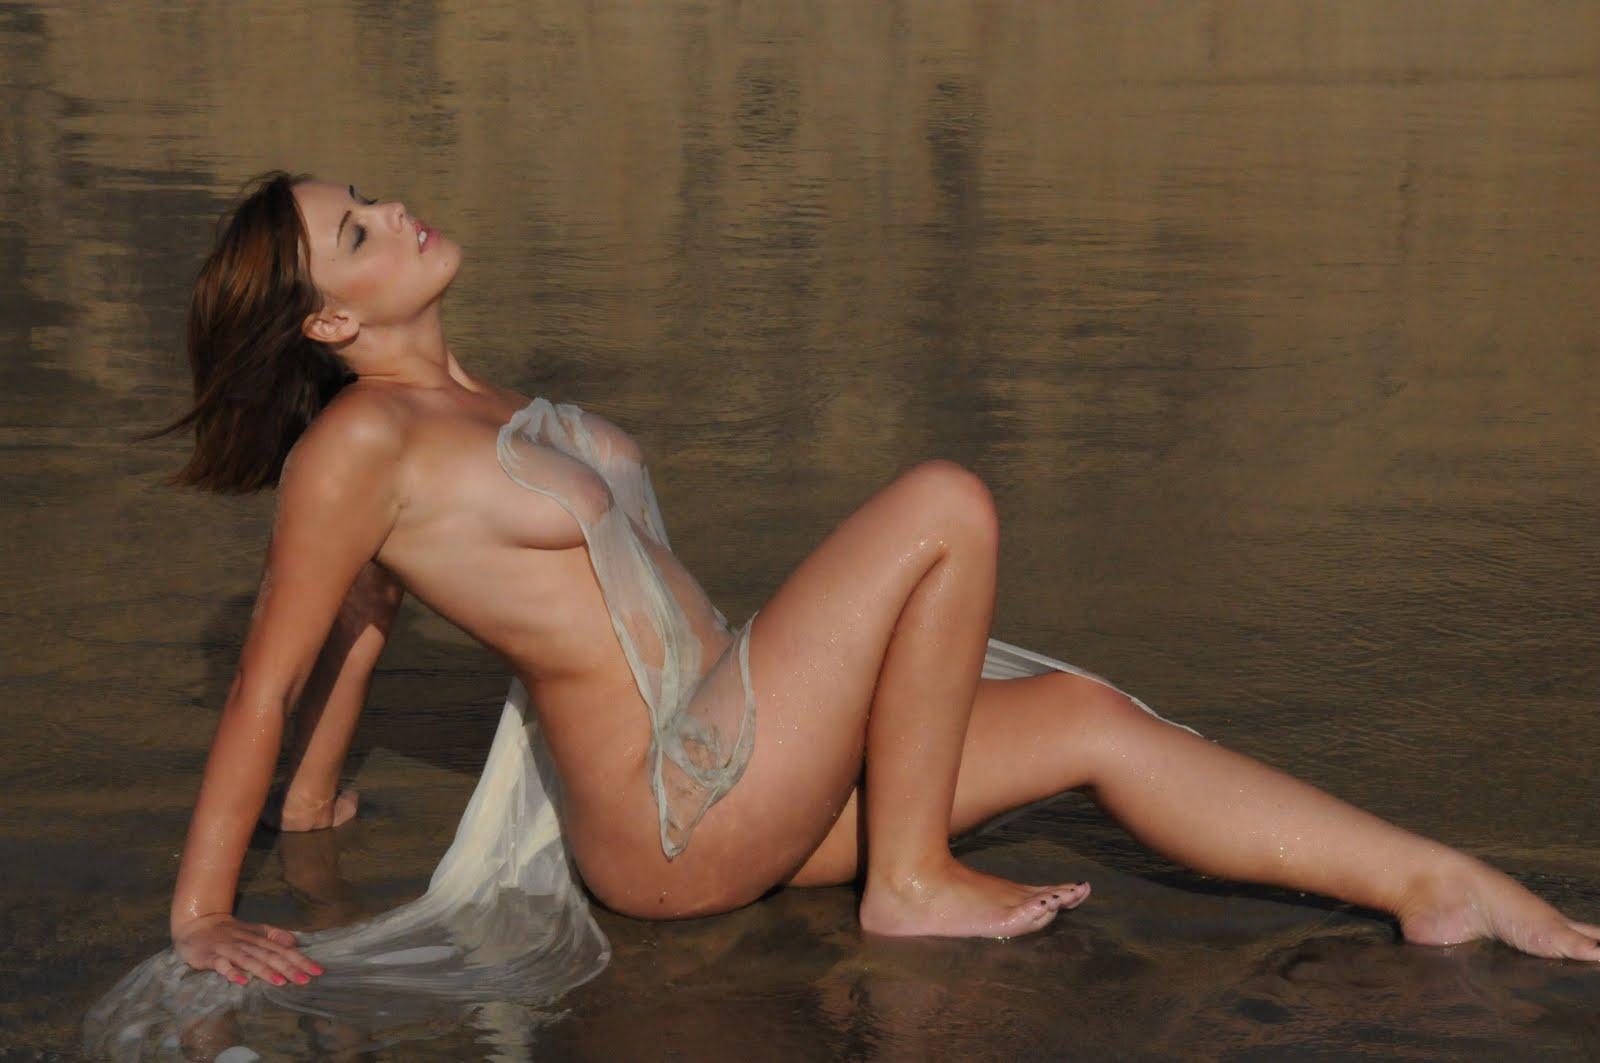 Brooke Lee Adams Lexi Belle - Sex Porn Images